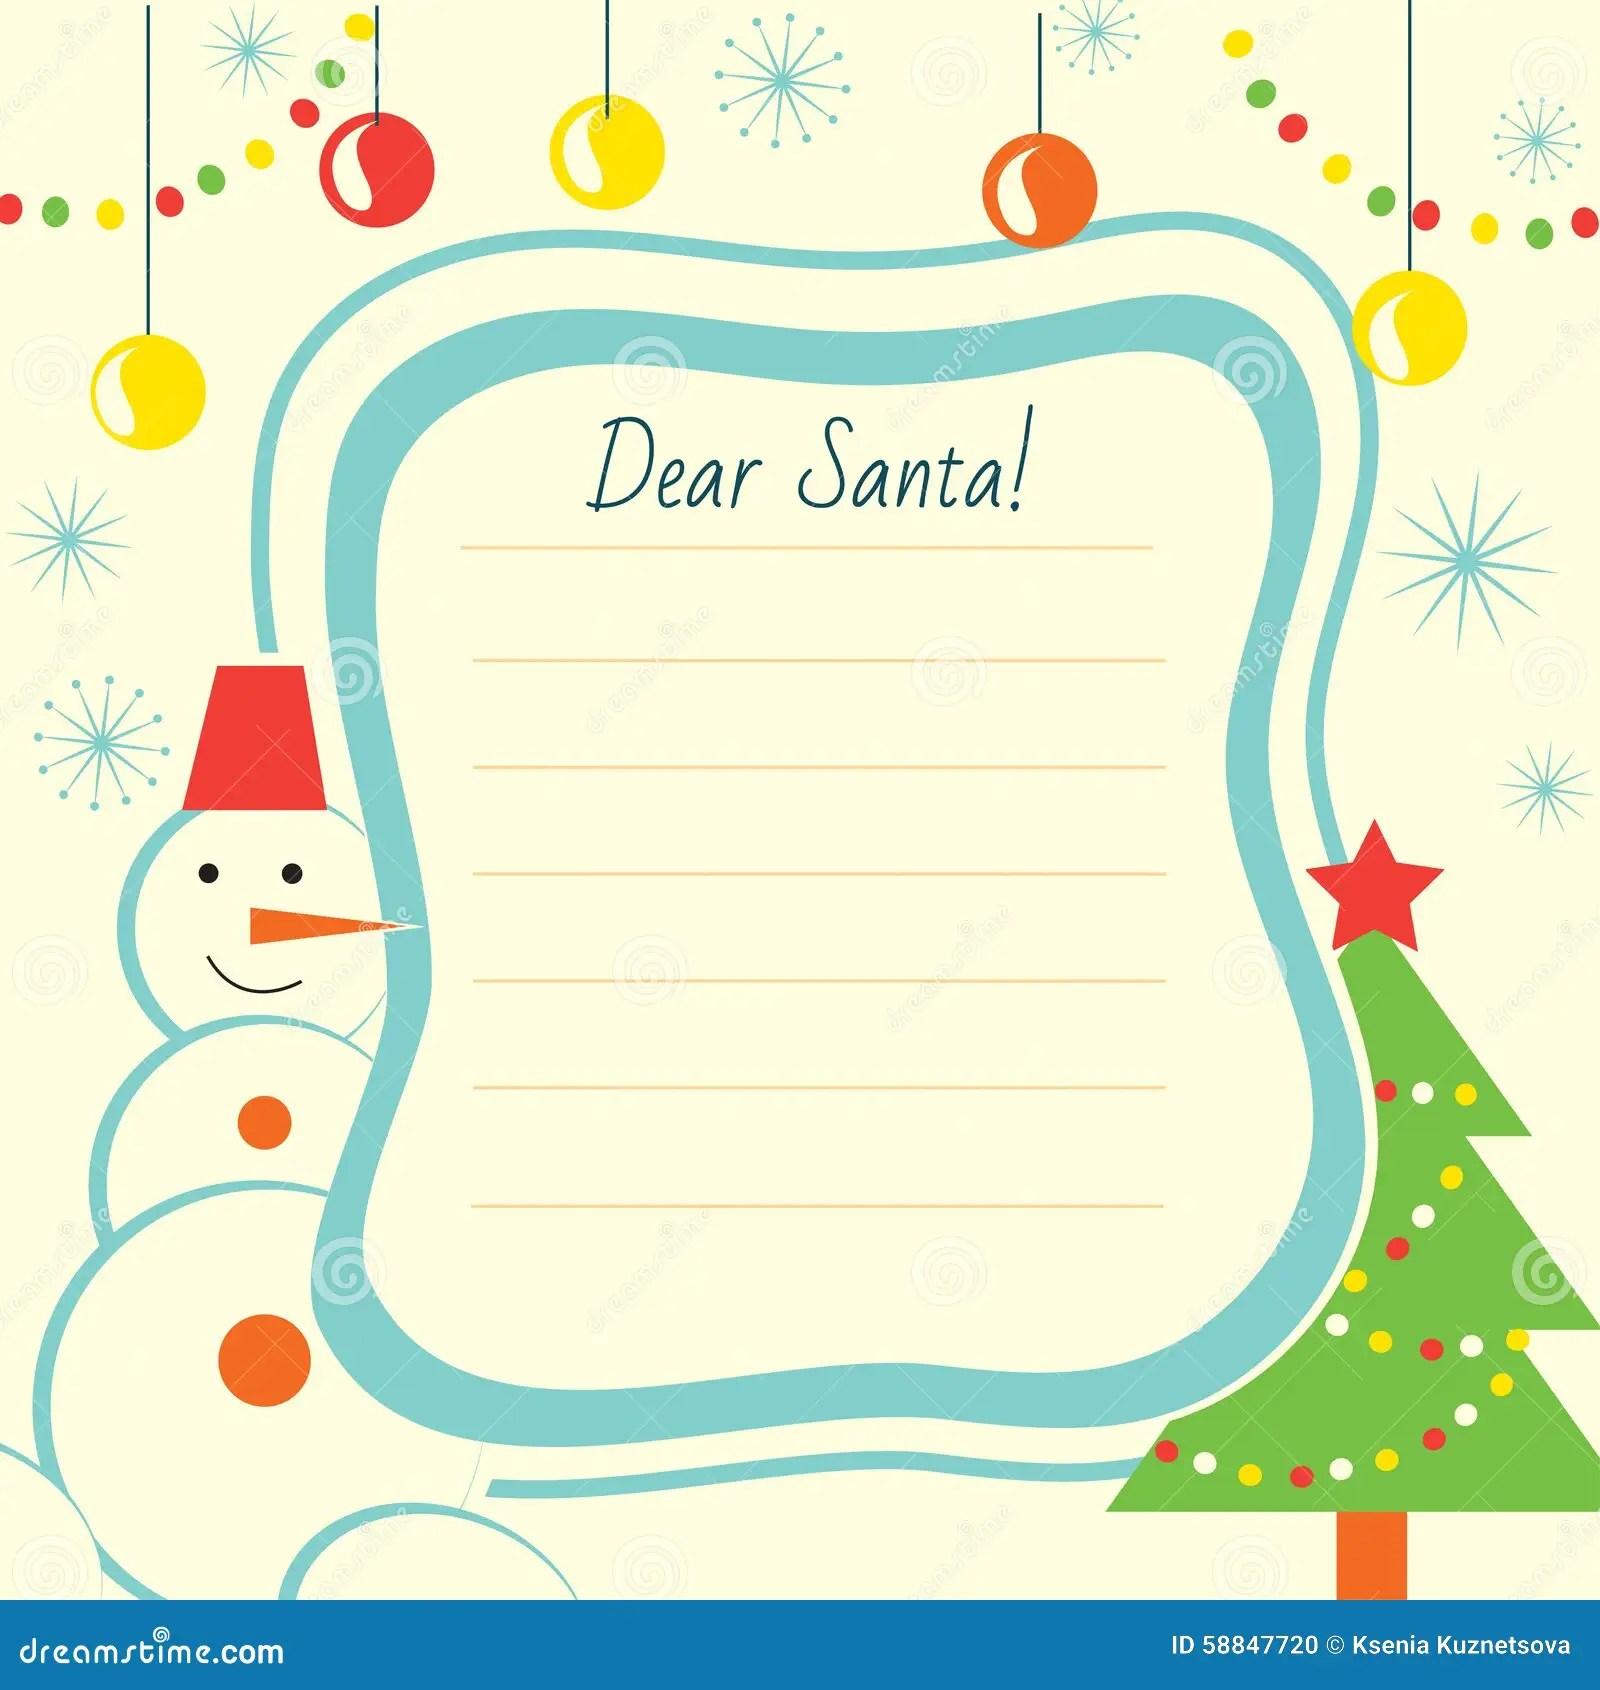 Doc8591100 Christmas List to Santa Template Free Printable – Free Christmas Letter Templates